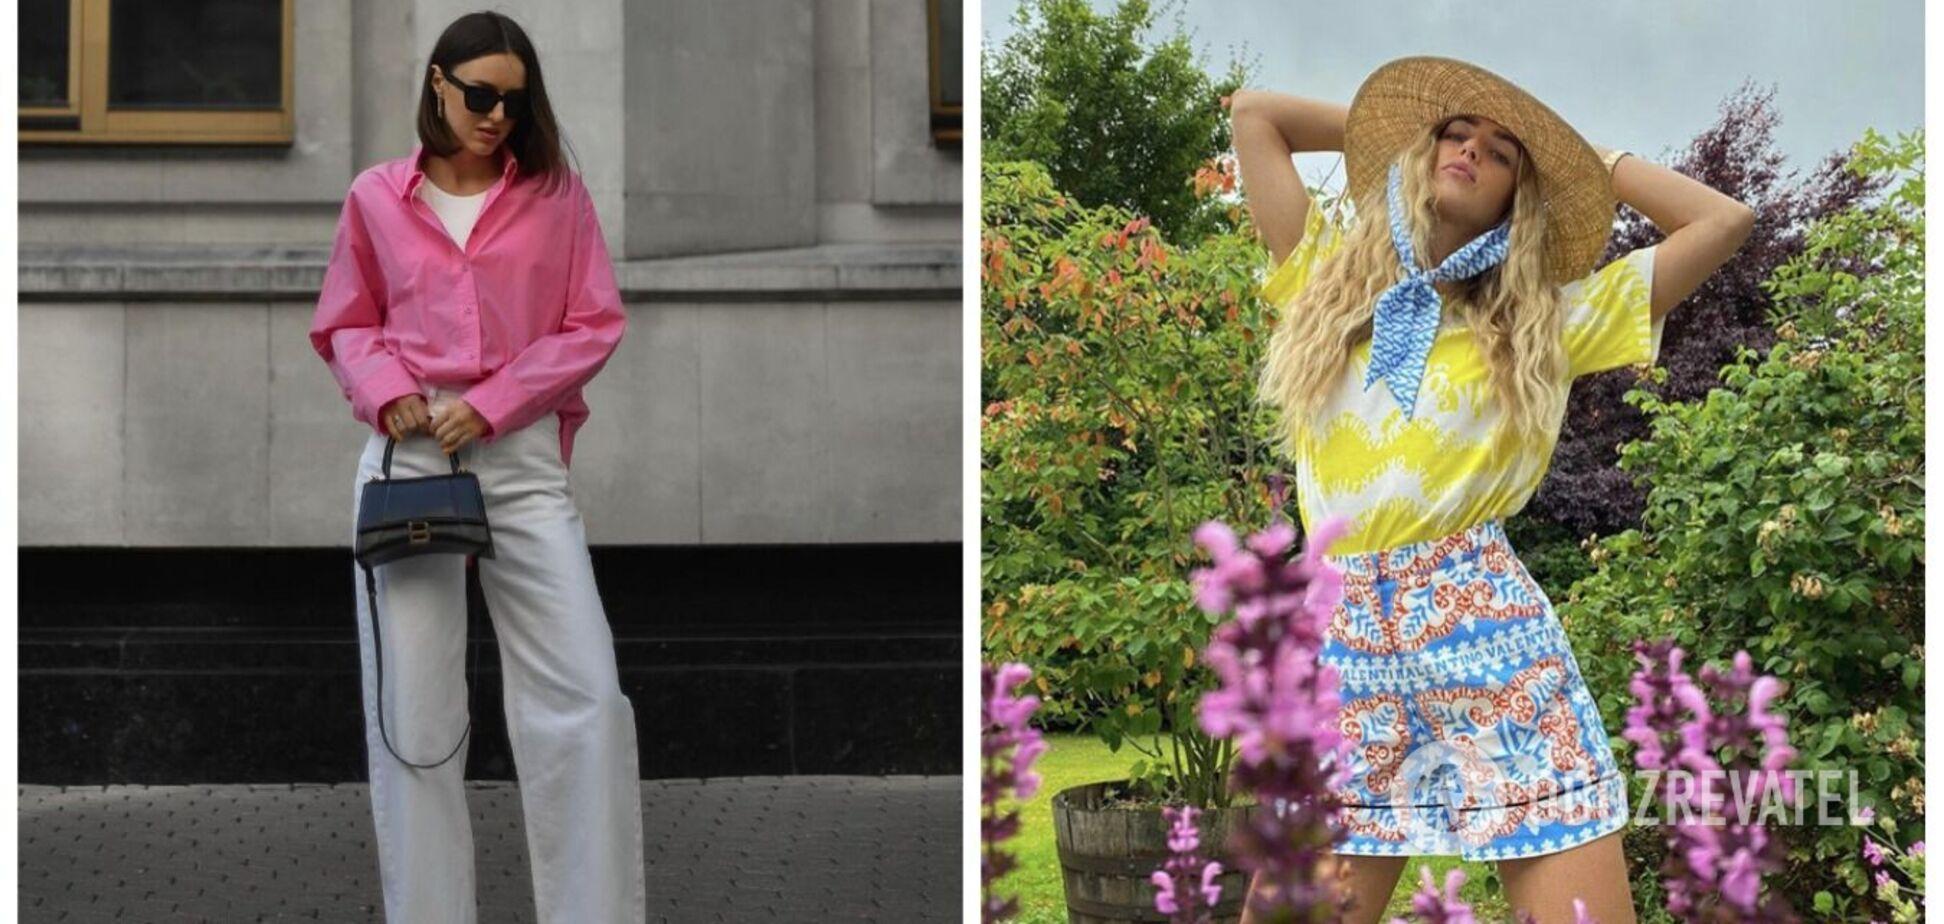 Самые модные вещи лета 2021 и как их носить. Фото готовых образов